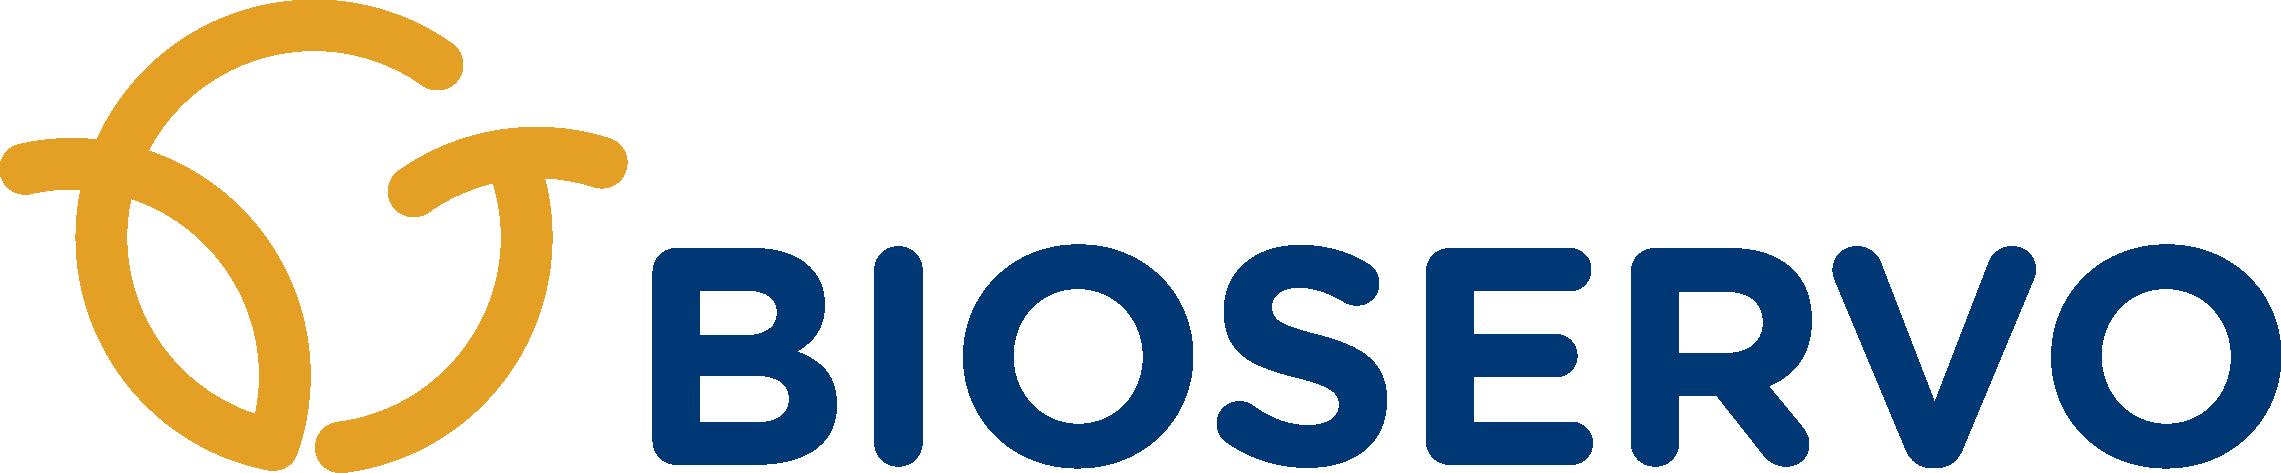 Bioservo_logo_cmyk.png